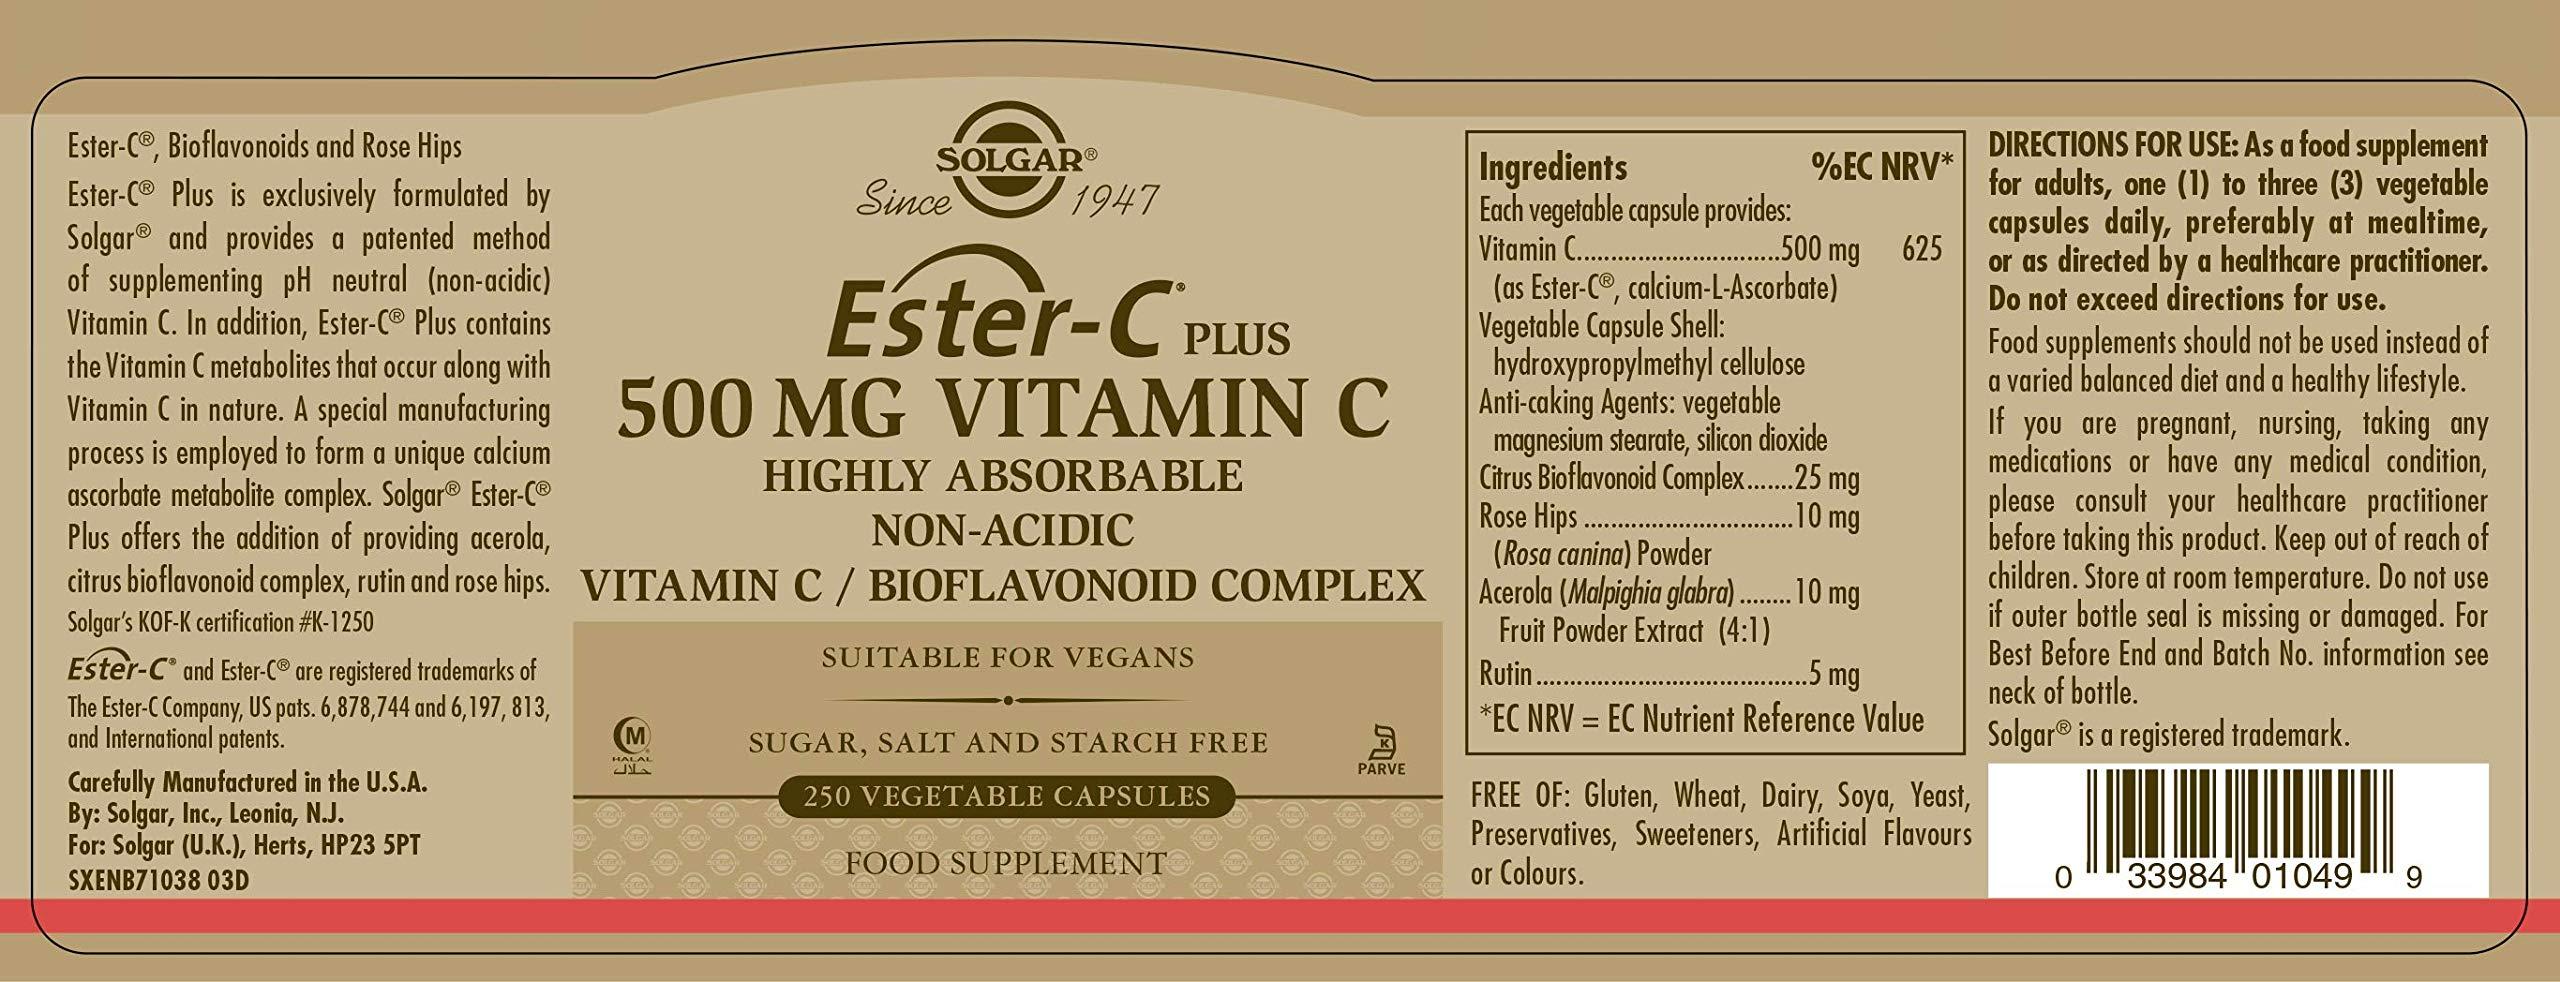 Solgar Ester-C® Plus 500 mg Vitamin C, Immune Support, Well-Retained, Gentle & Non Acidic, Non-GMO, Suitable for Vegans, 250 Vegetable Capsules by Solgar